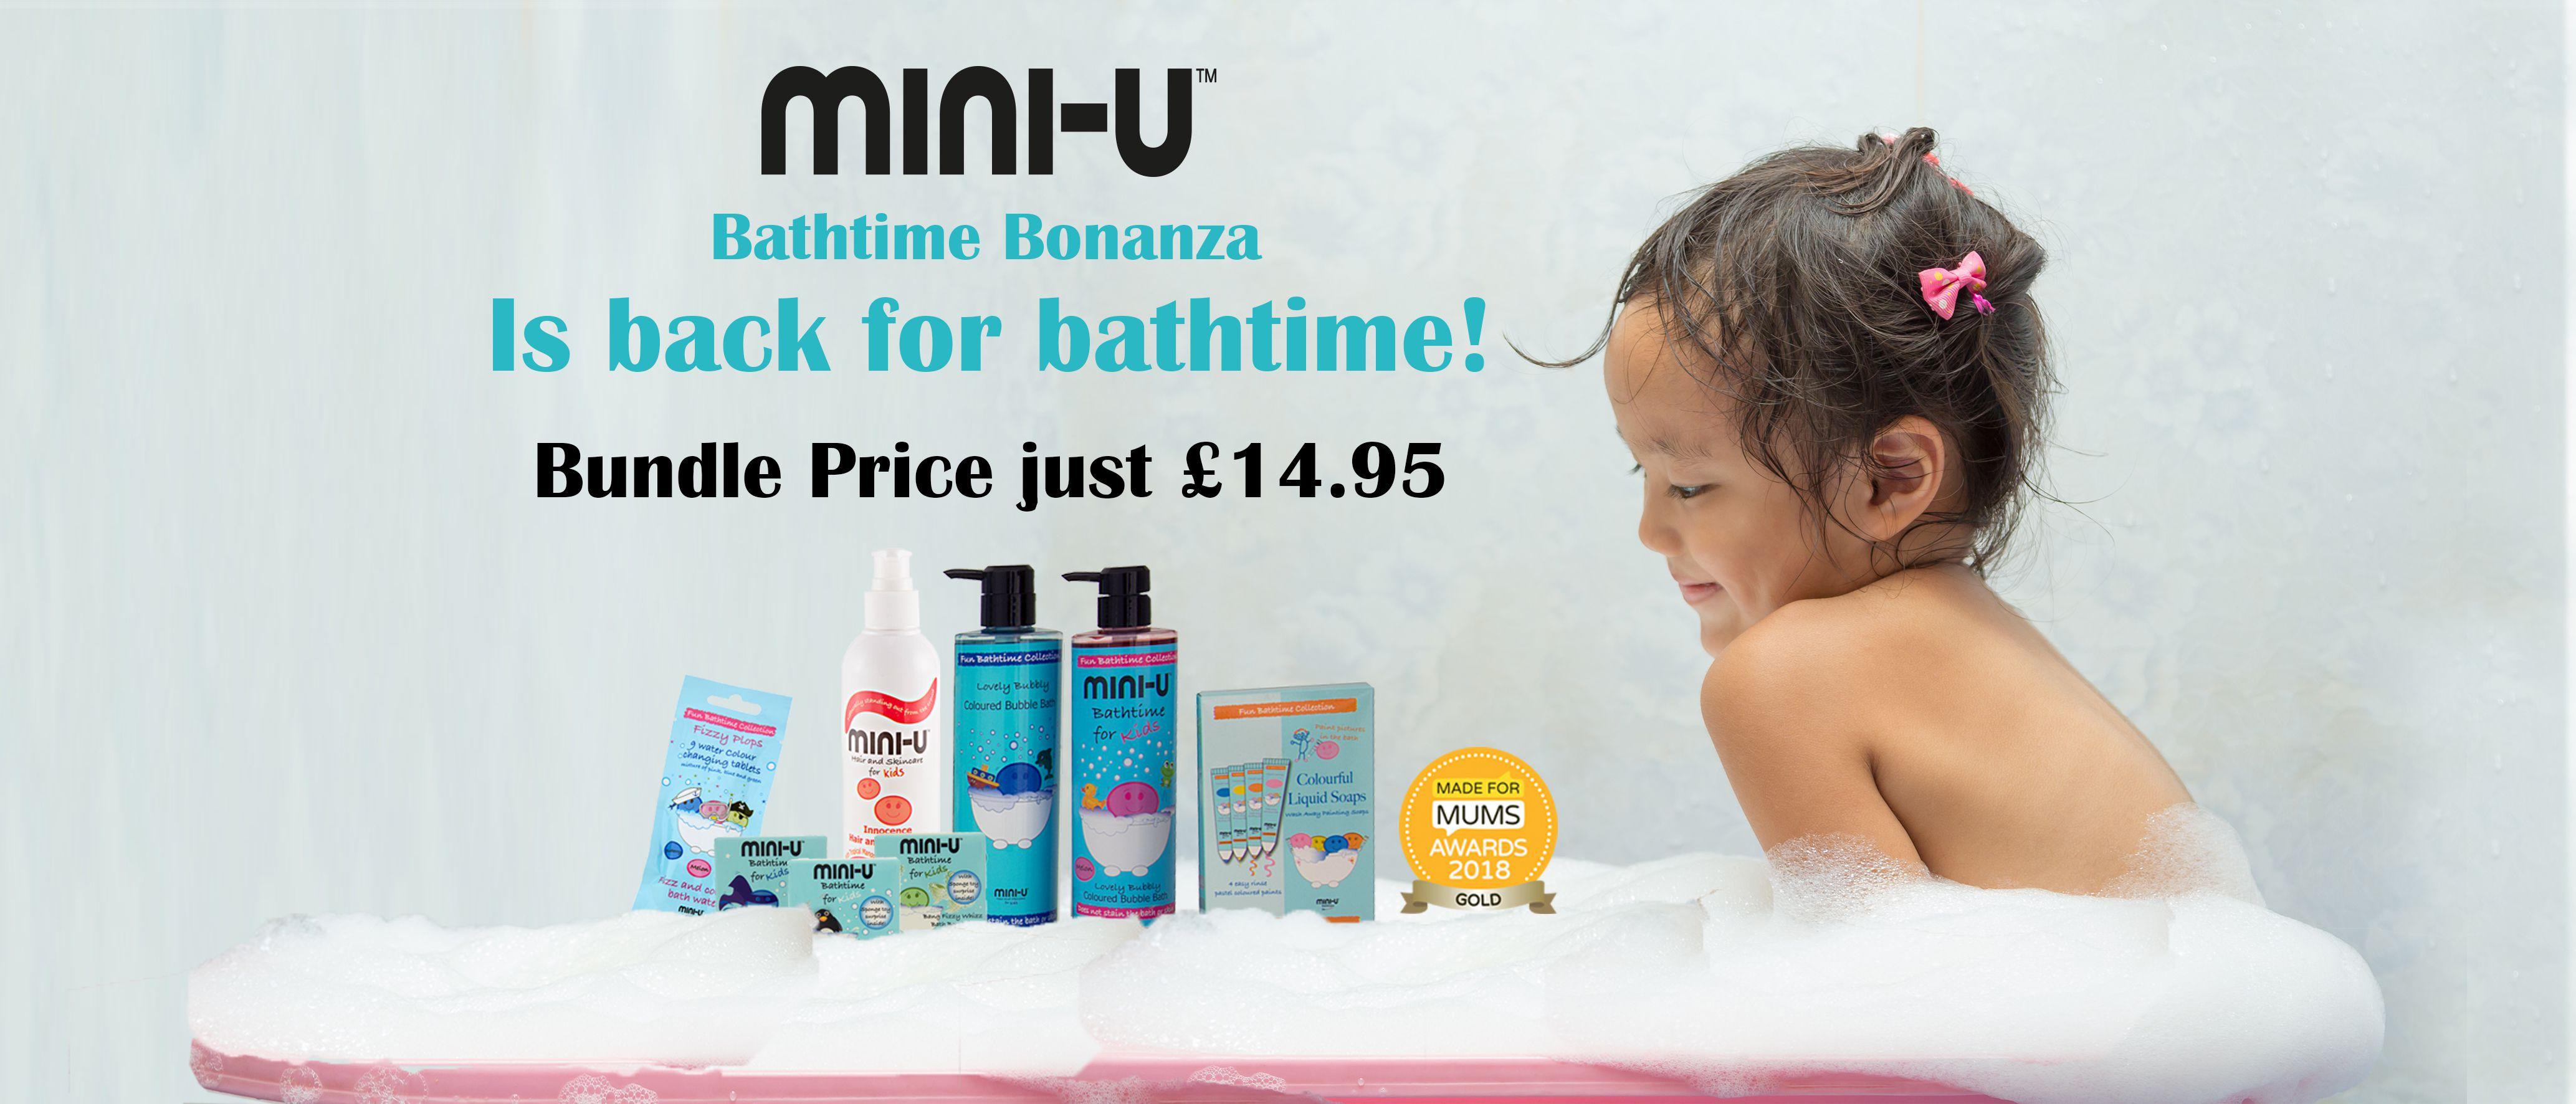 No-2-Bath-time-bonanza